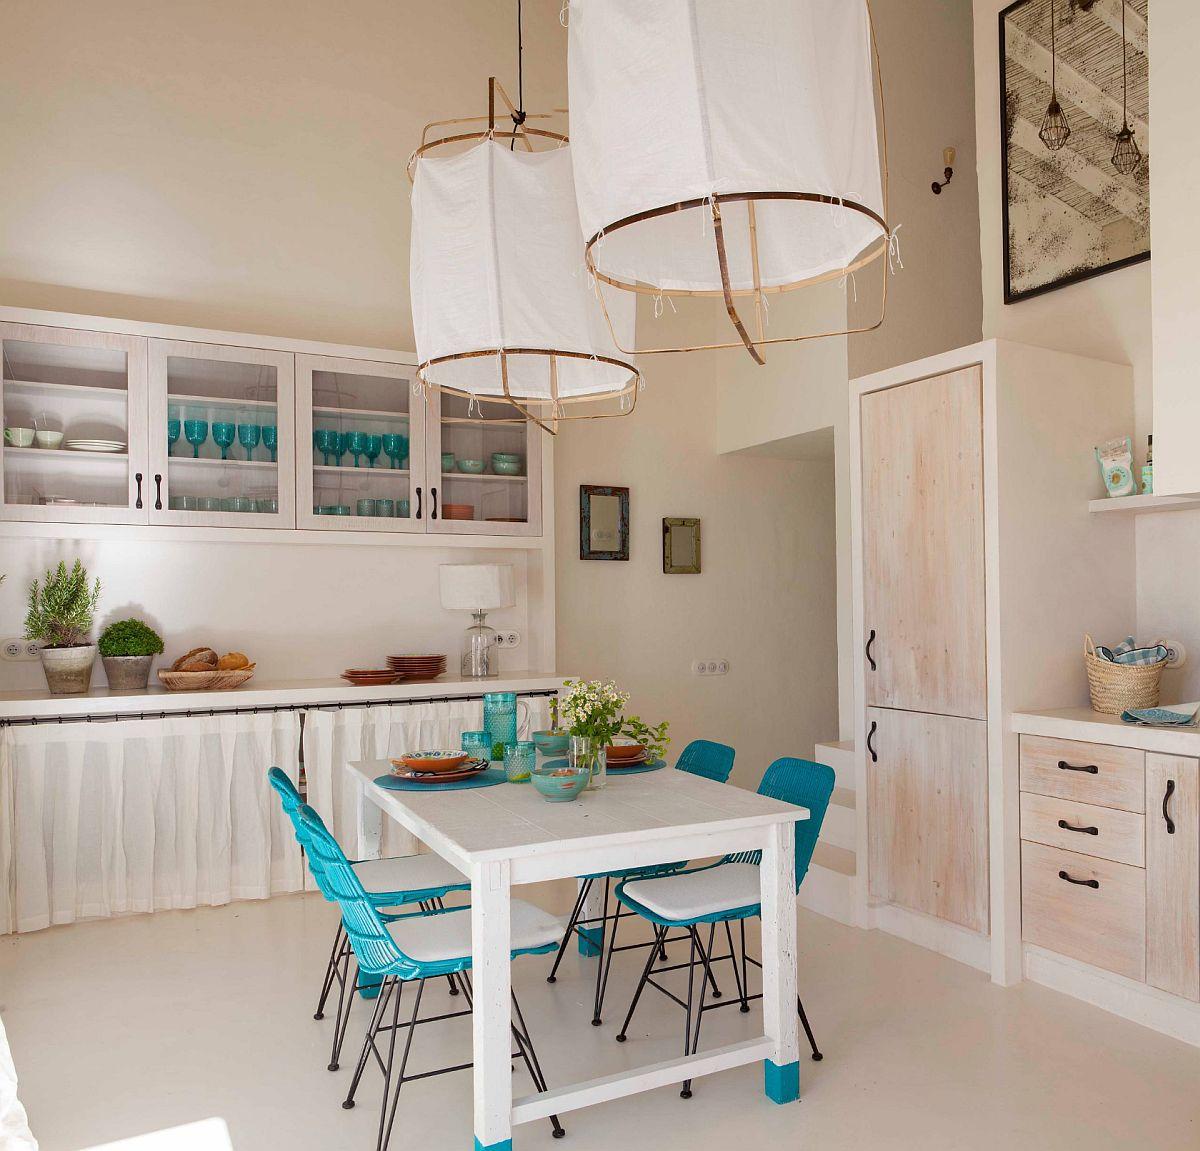 adelaparvu.com despre casa de vacanta la mare, Formentera, design Gemma Gallego, Knowhaus, Foto Pepa Oromi (3)